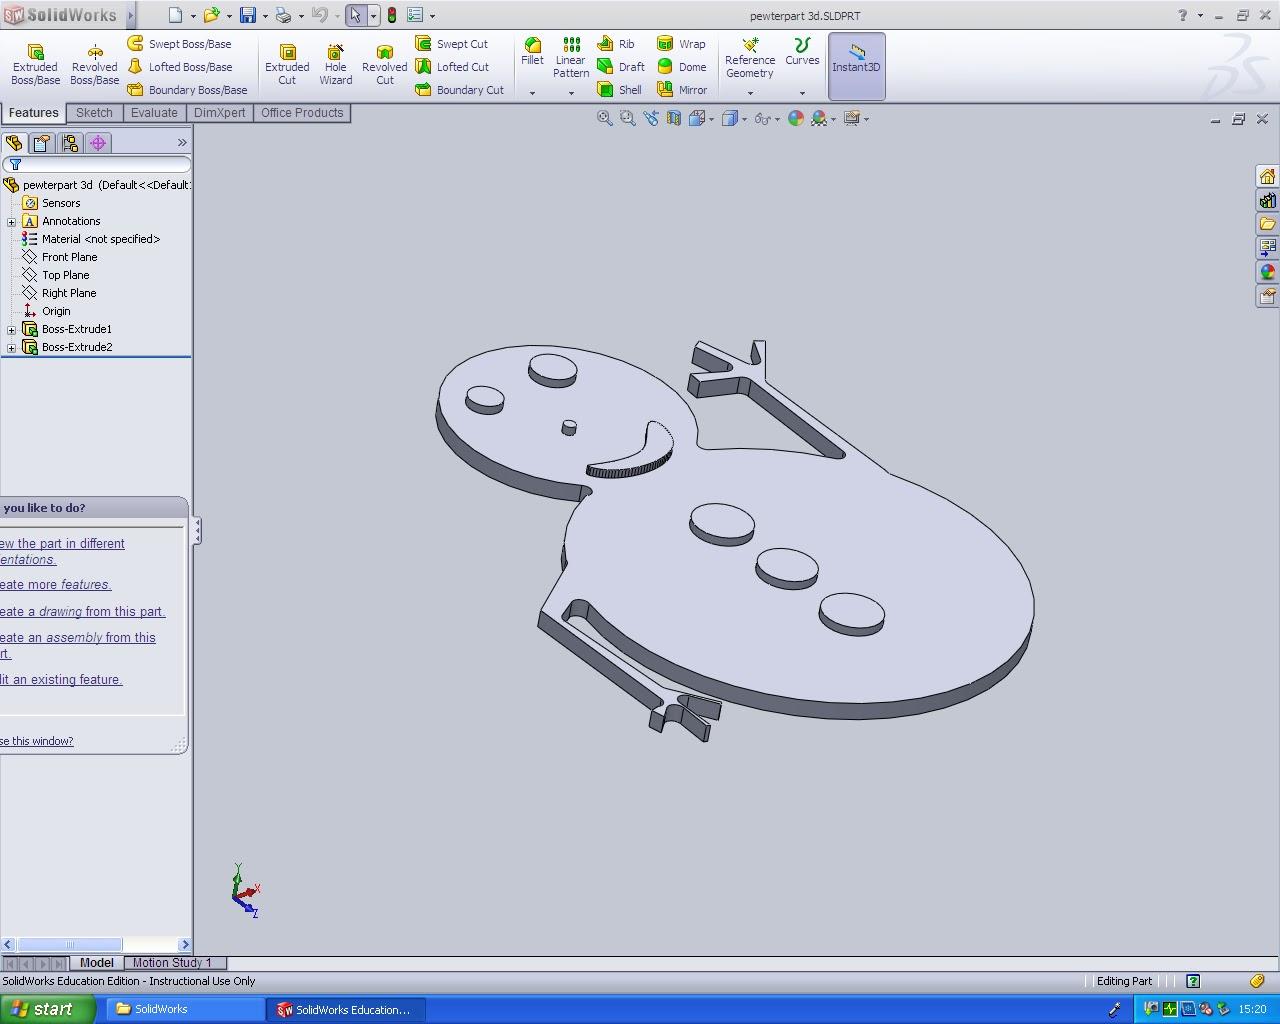 pro desktop cad programdownload free software programs. Black Bedroom Furniture Sets. Home Design Ideas